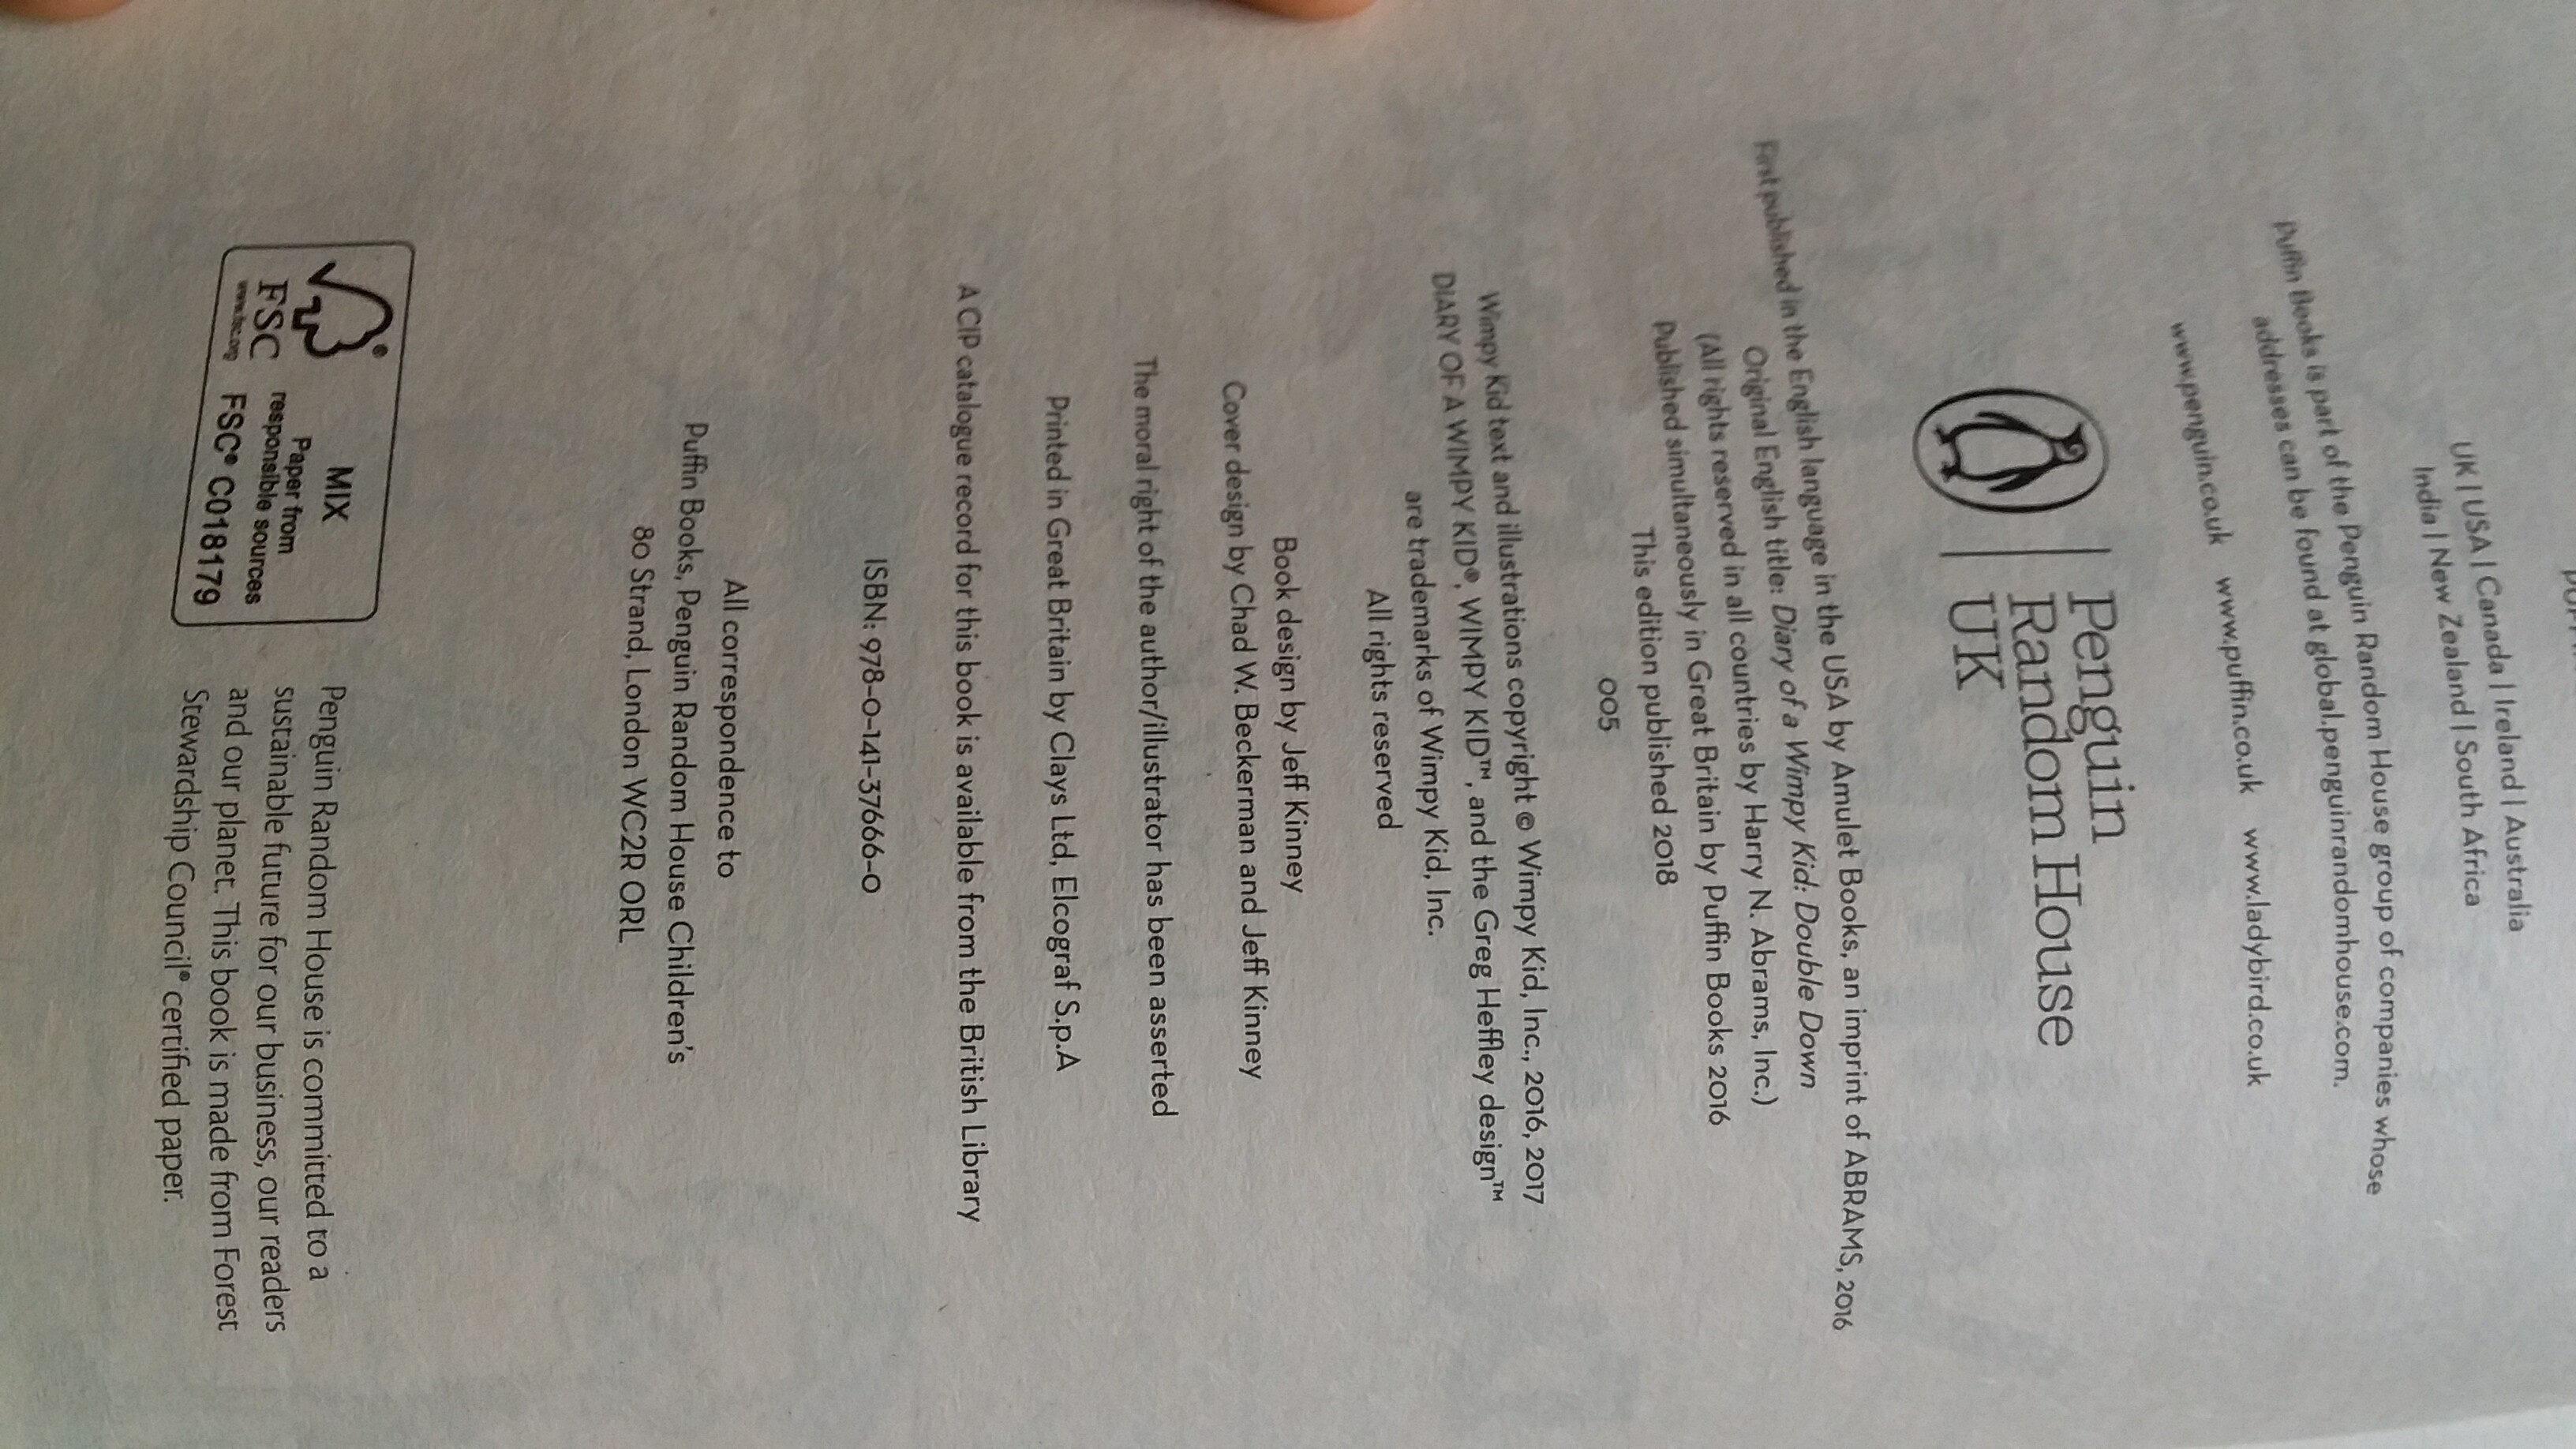 Diario de greg 11 - Ingredients - es